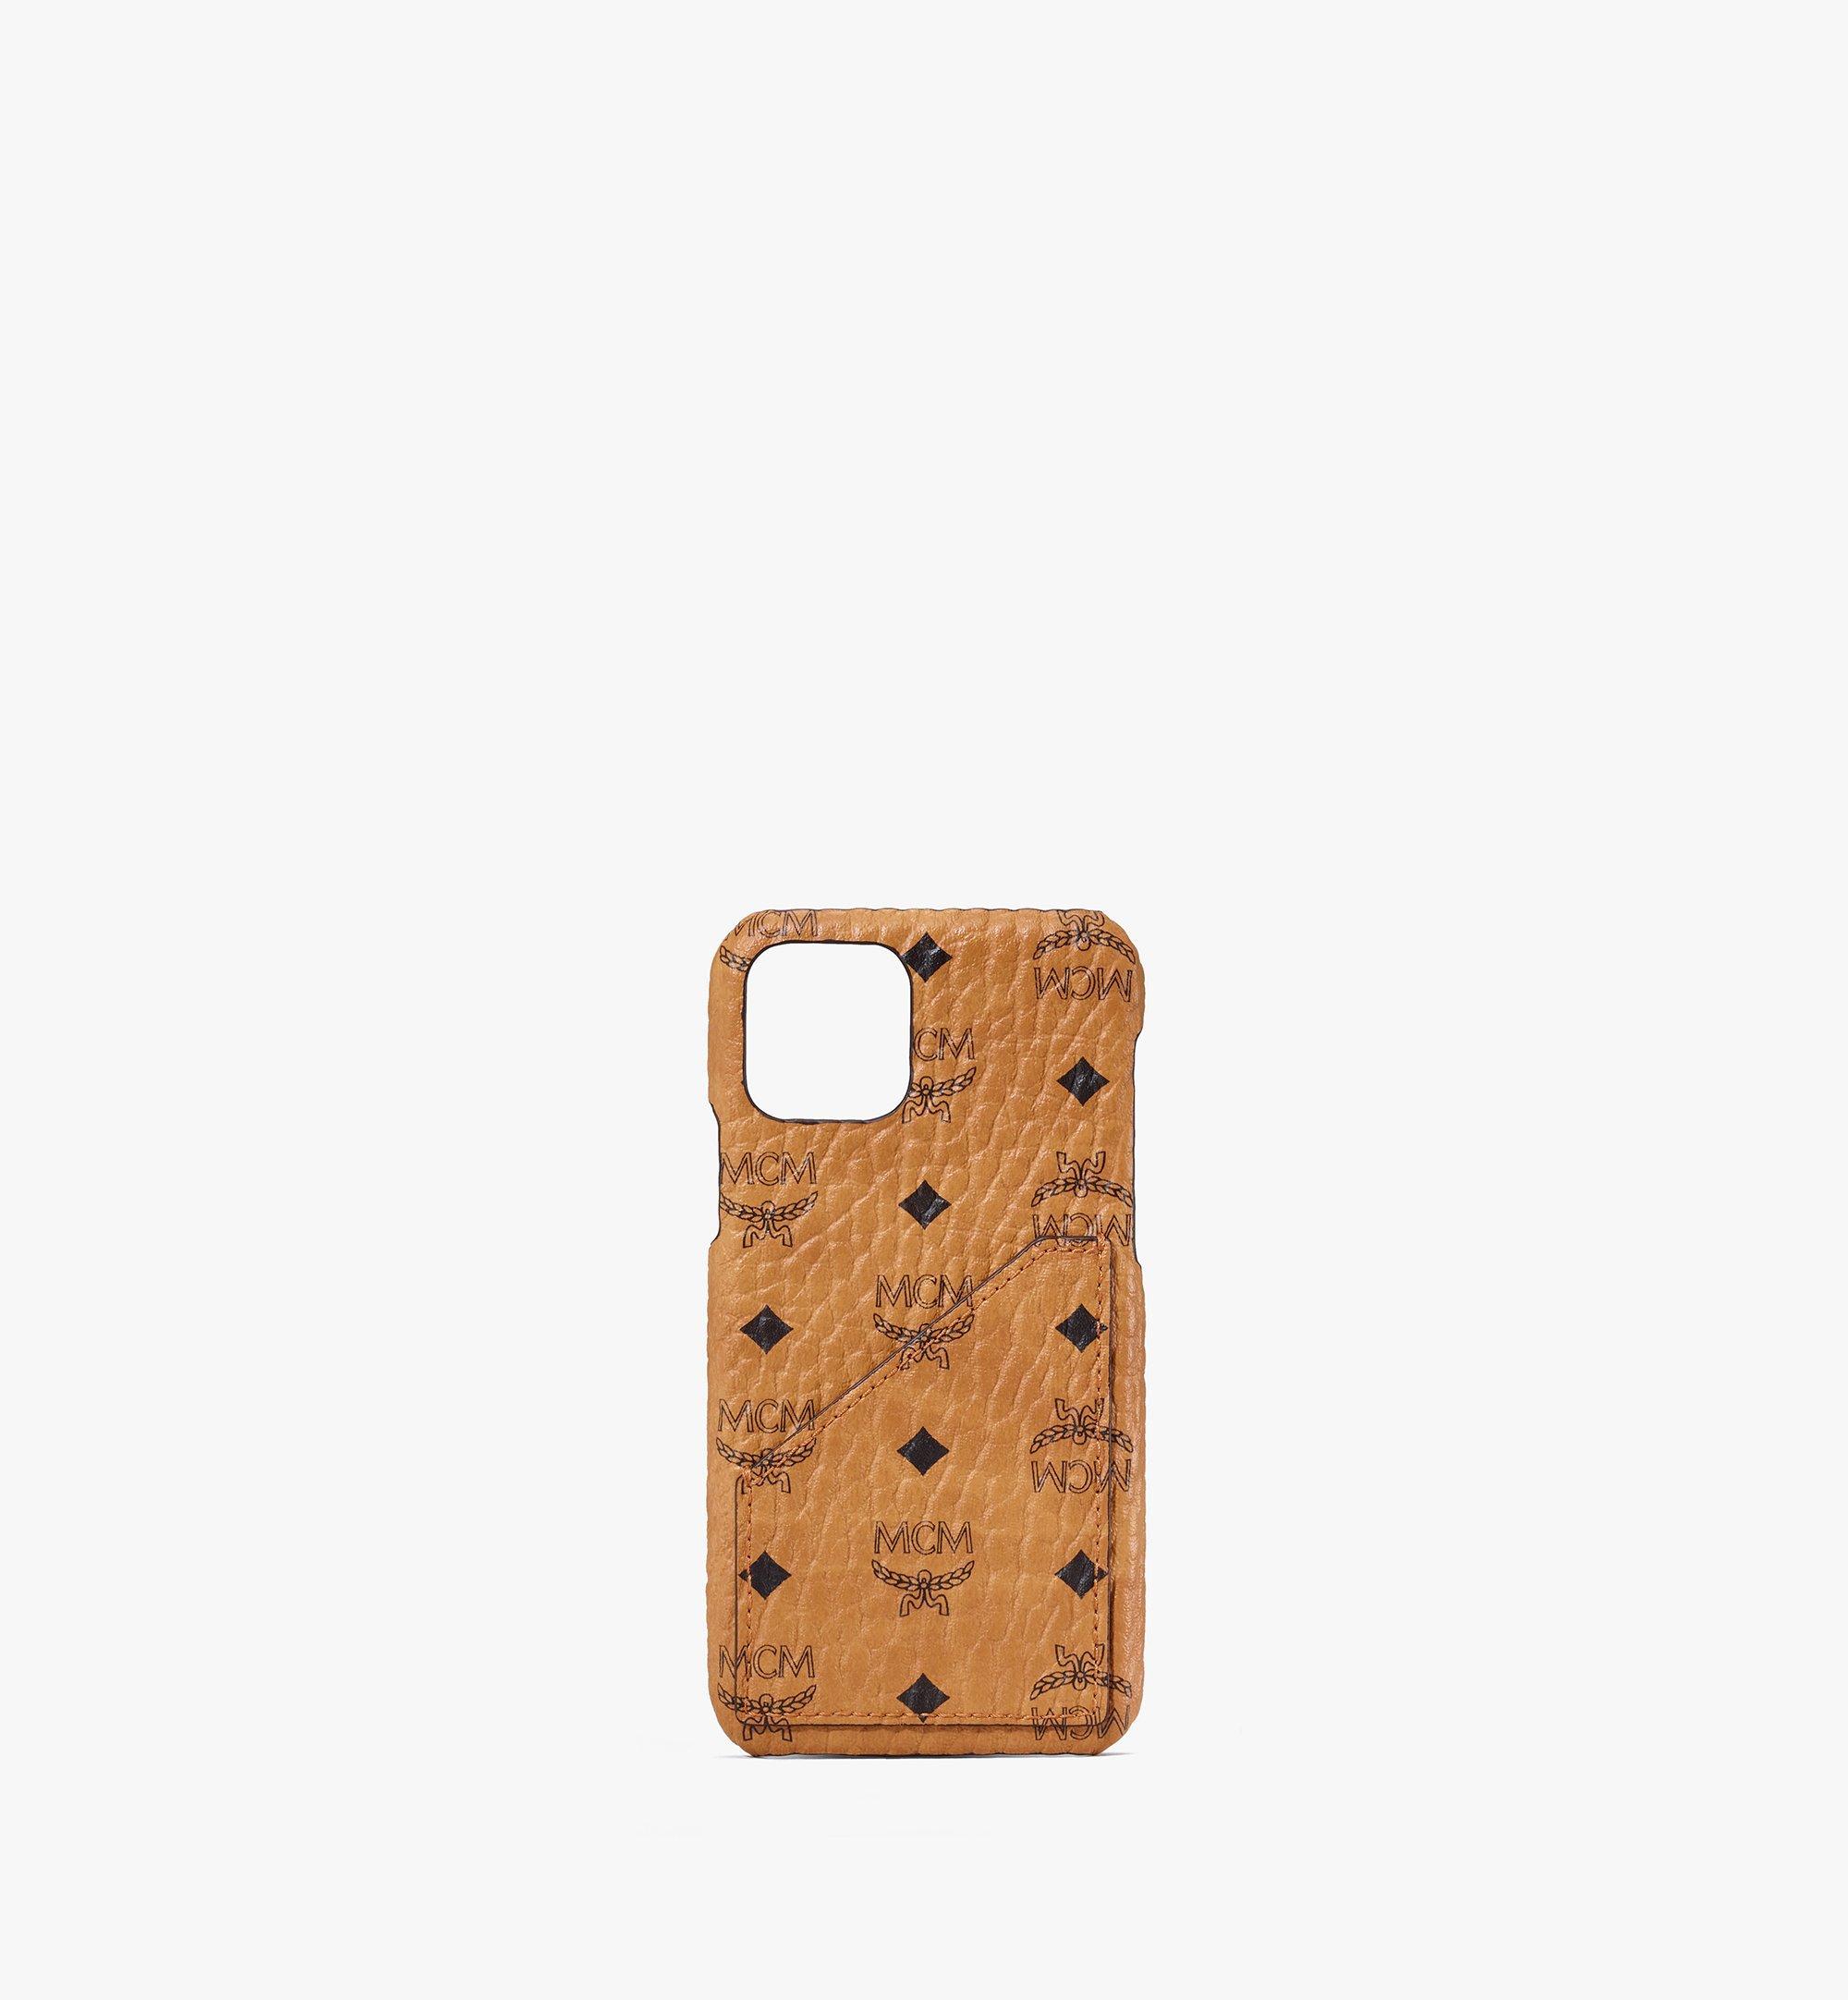 MCM iPhone 11 Pro Case in Visetos Cognac MXEASVI07CO001 Alternate View 1